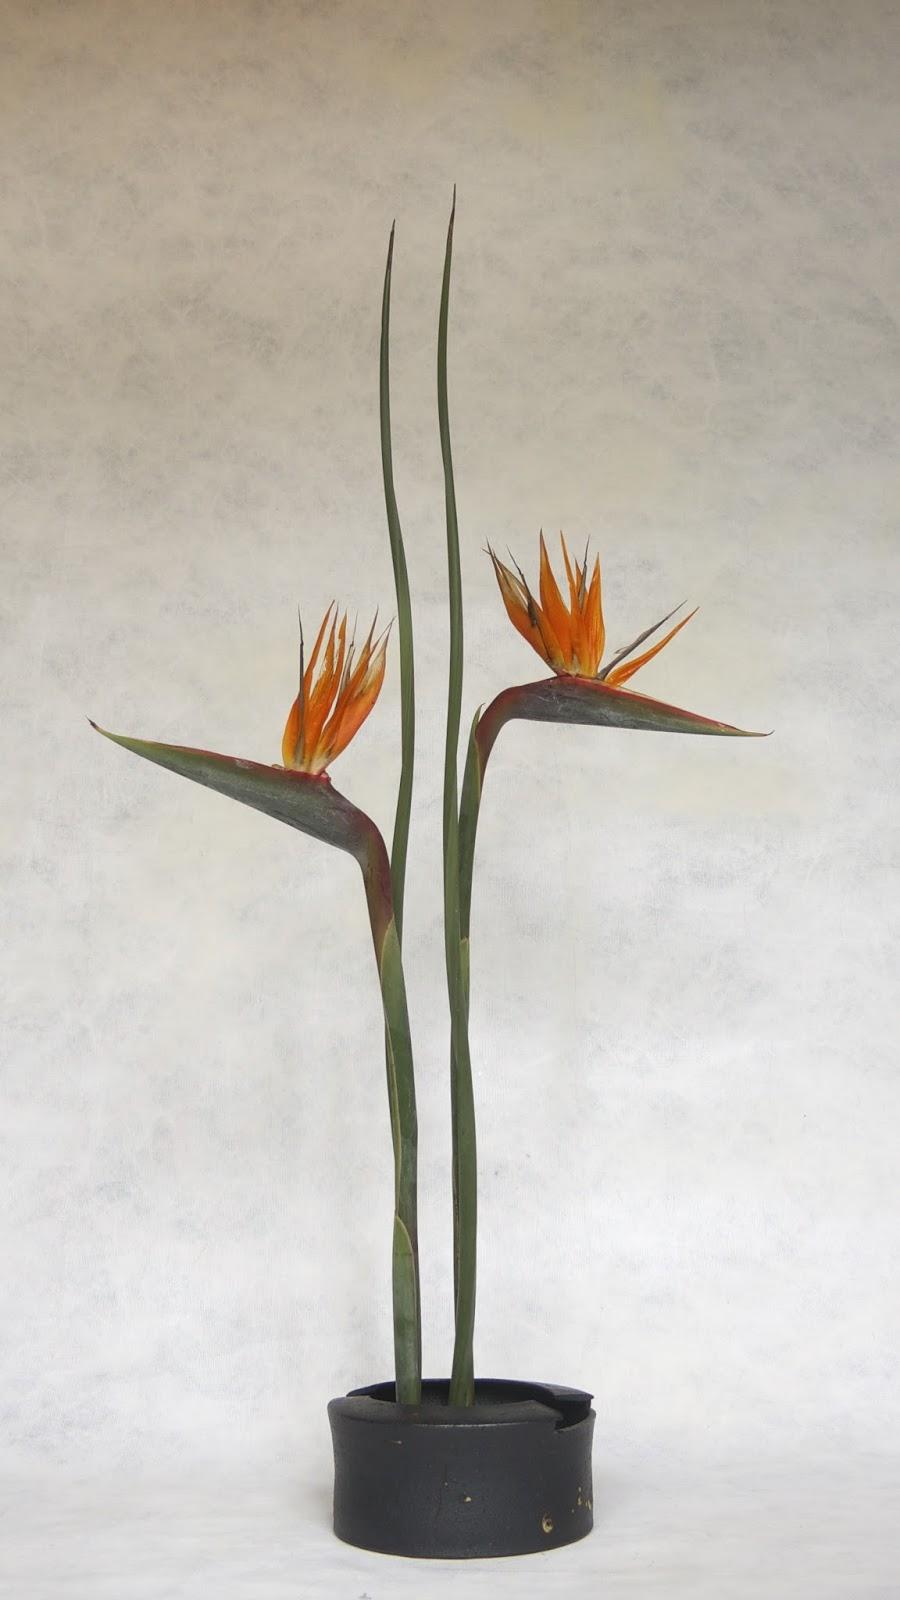 Roadside Ikebana Double Helix